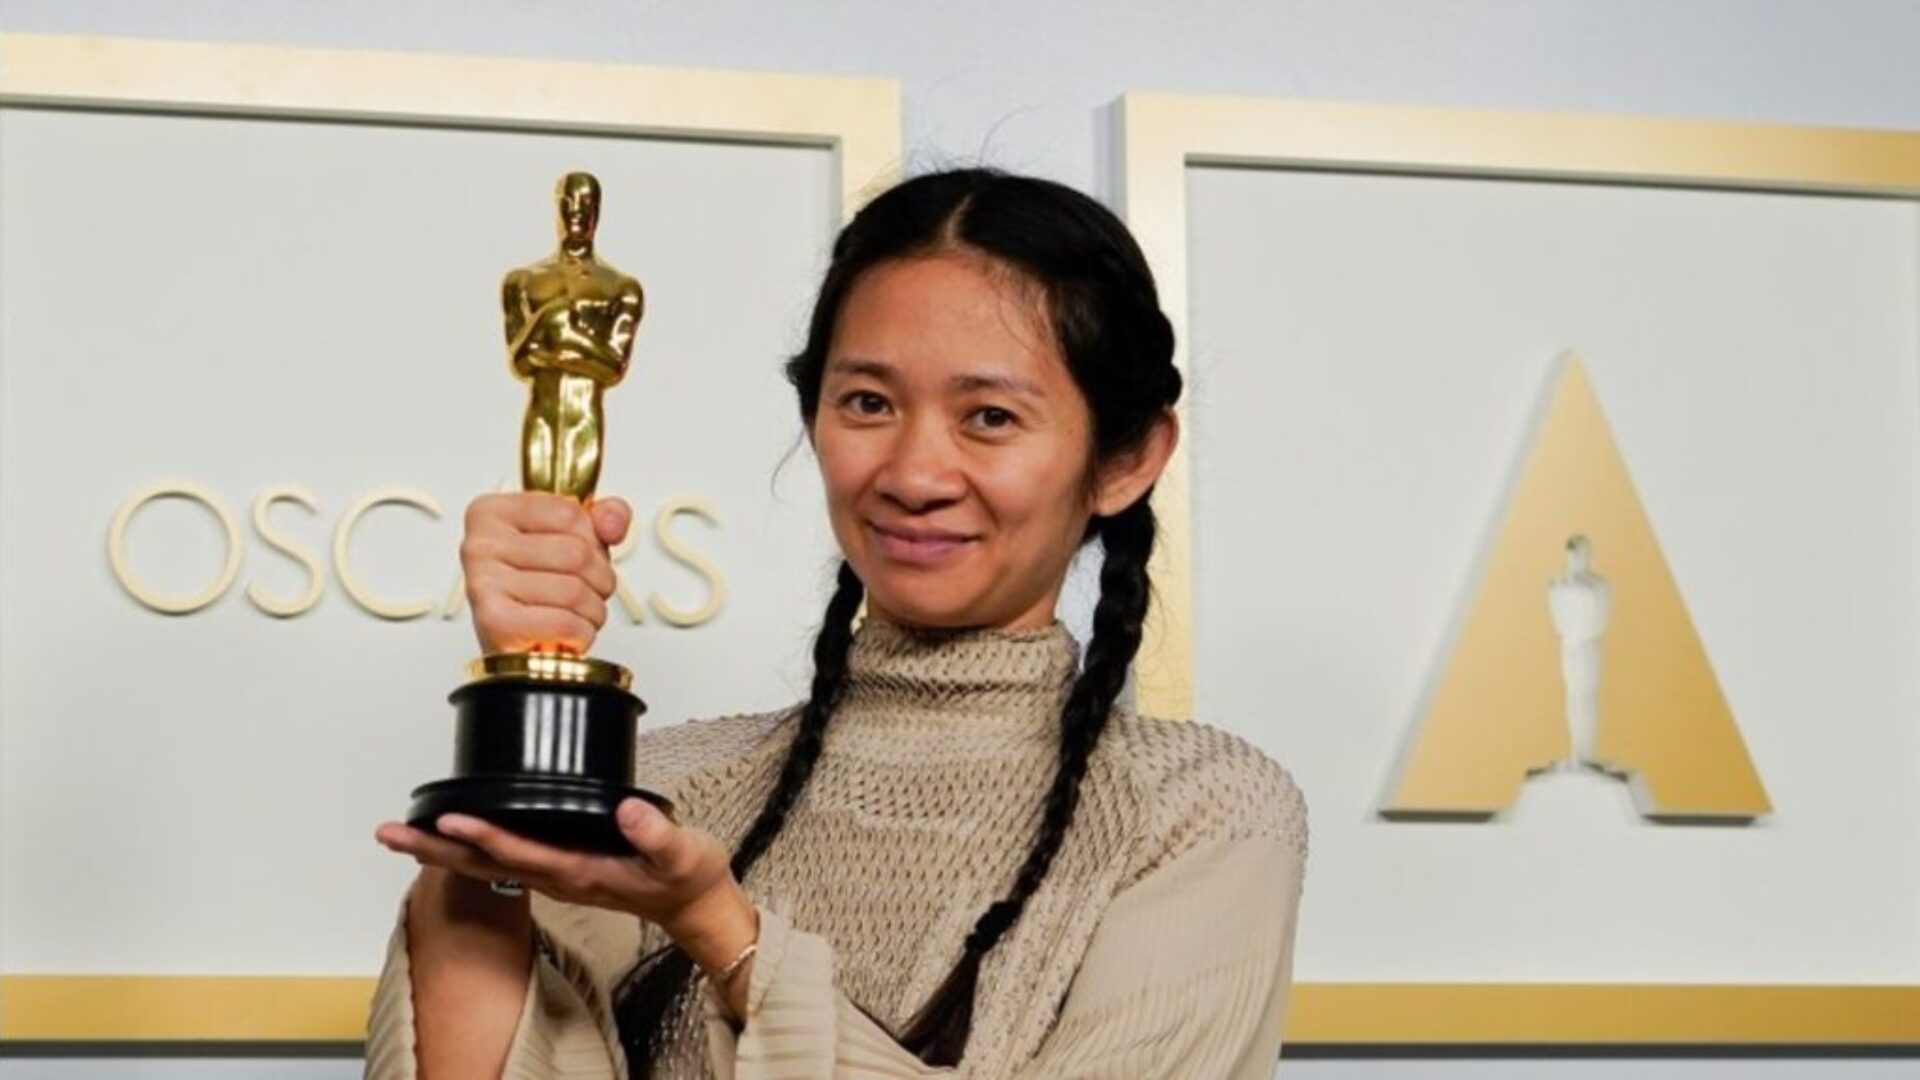 Asian actress holding Oscar